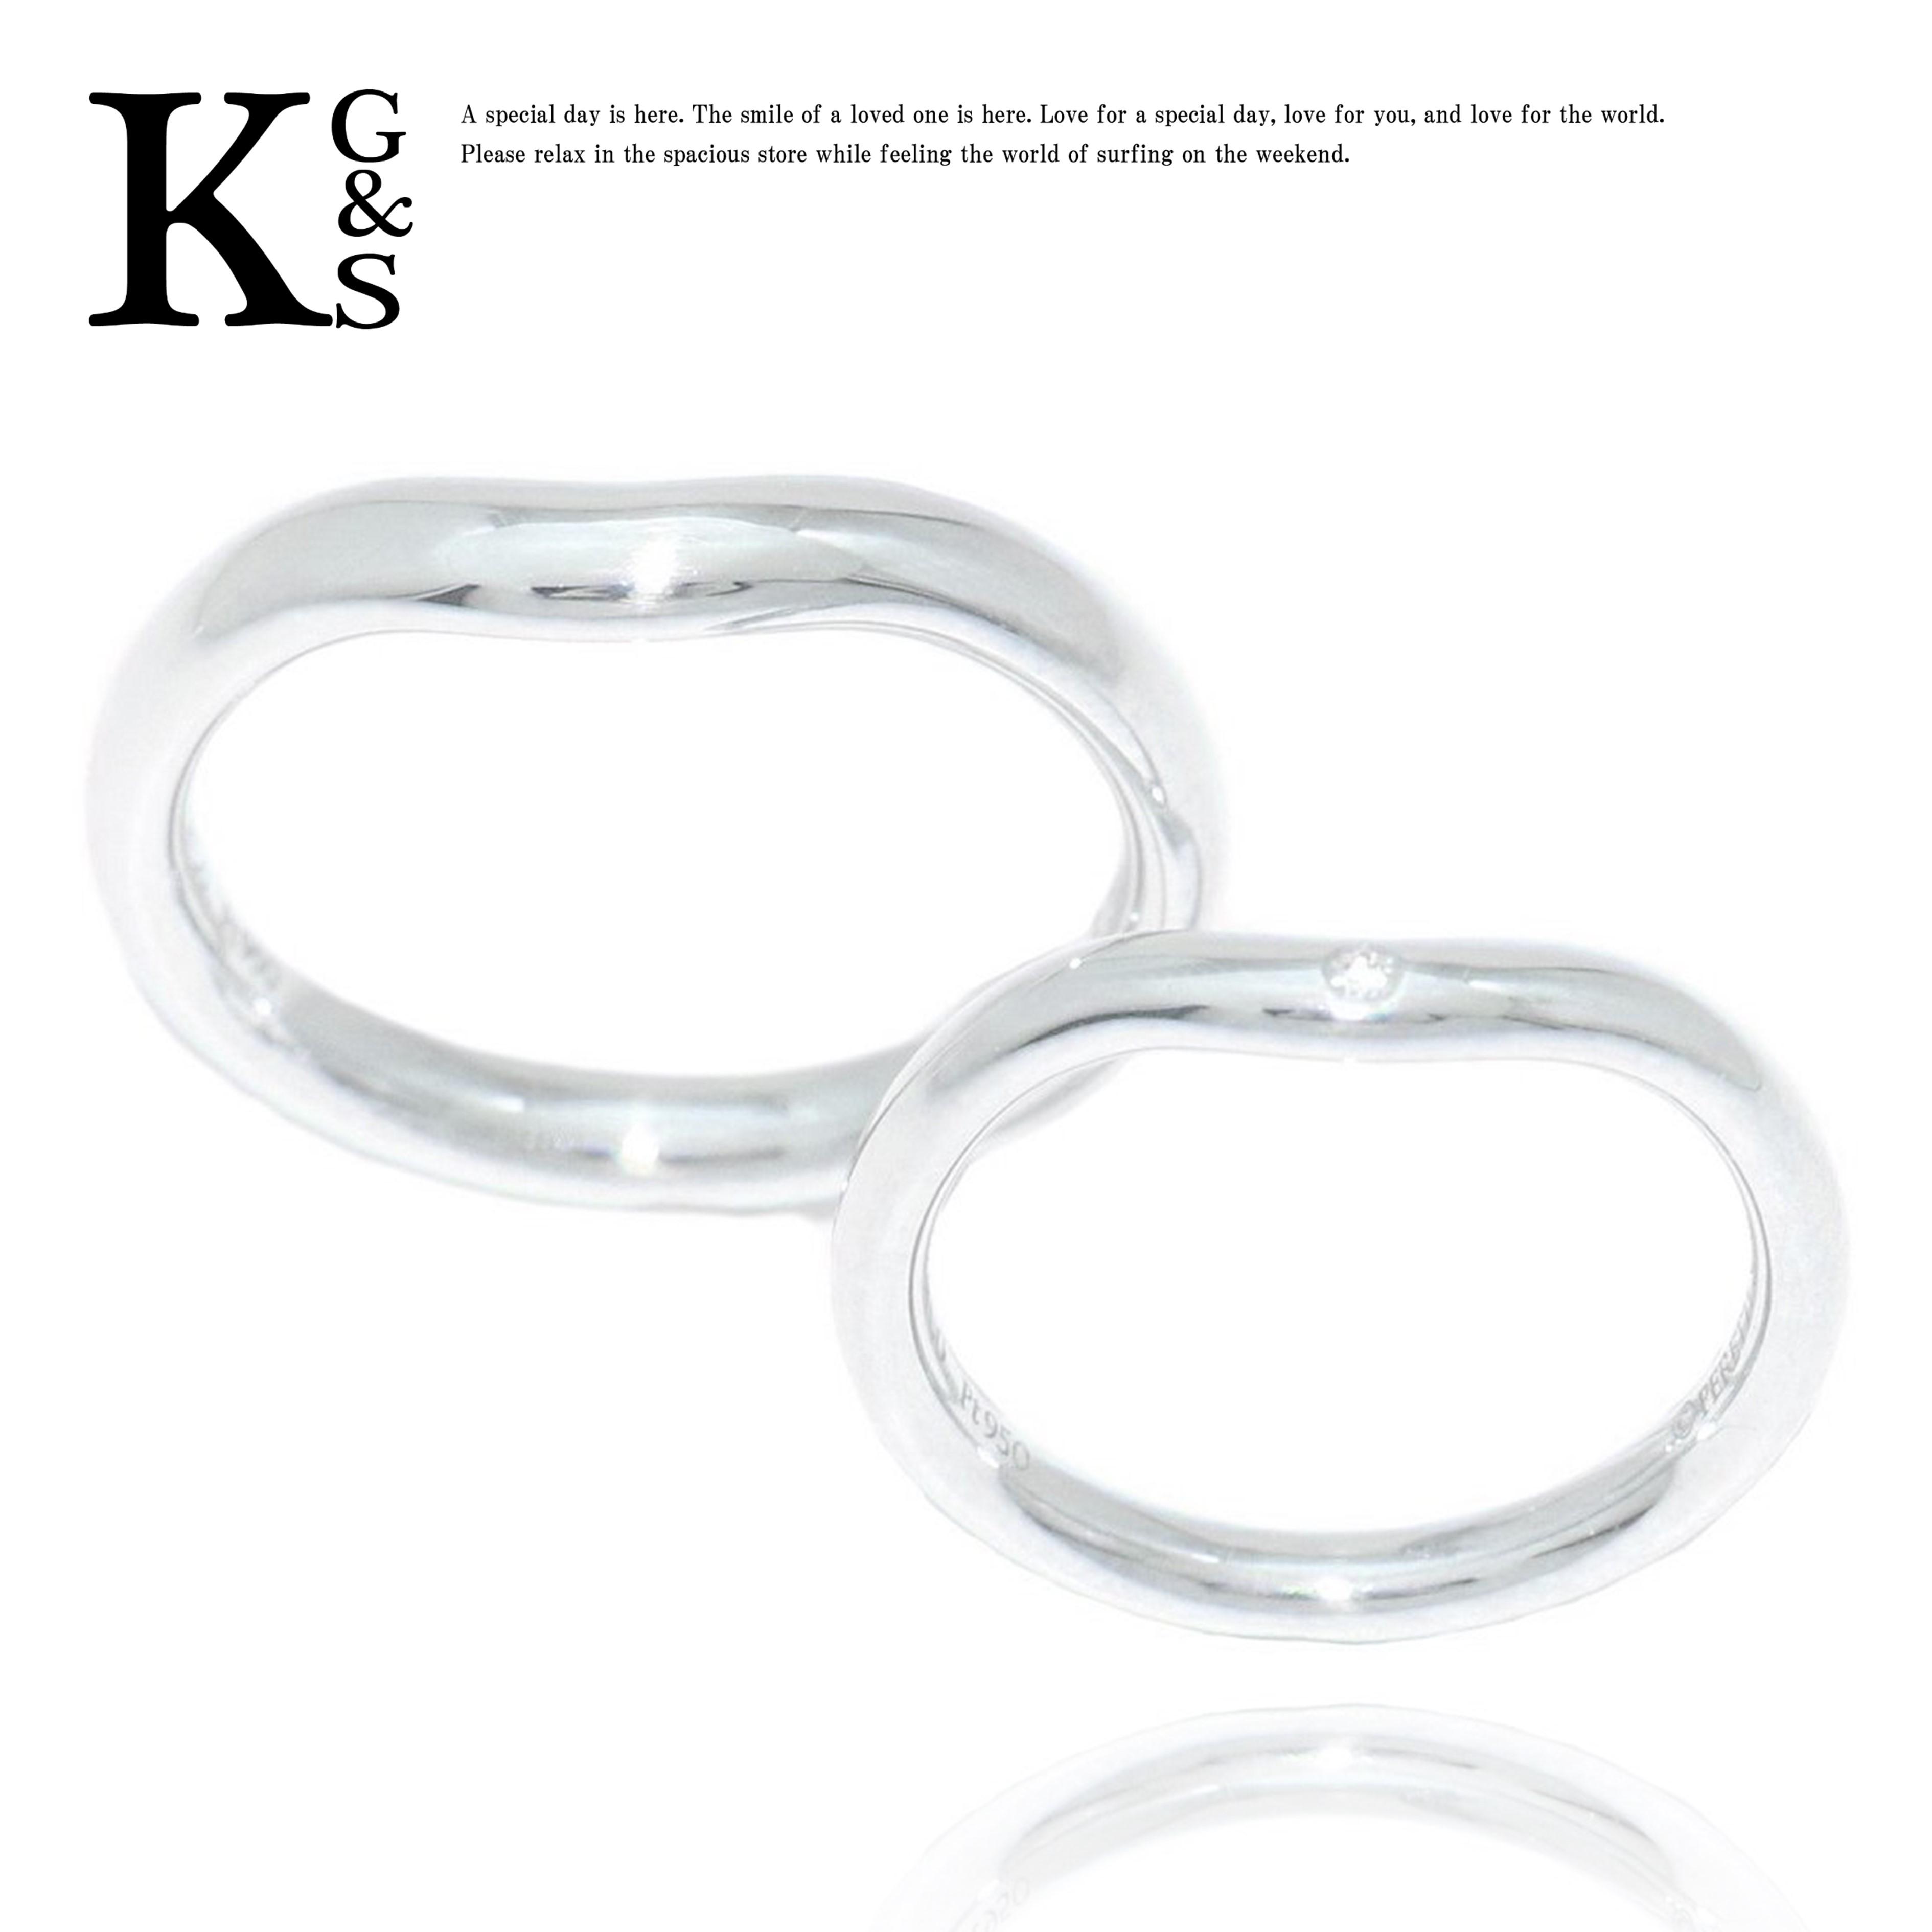 【ギフト品質】【名入れ】ティファニー/Tiffany&co ジュエリー ペアリング マリッジリング カーブド バンドリング プラチナ Pt950 ダイヤモンド 結婚指輪